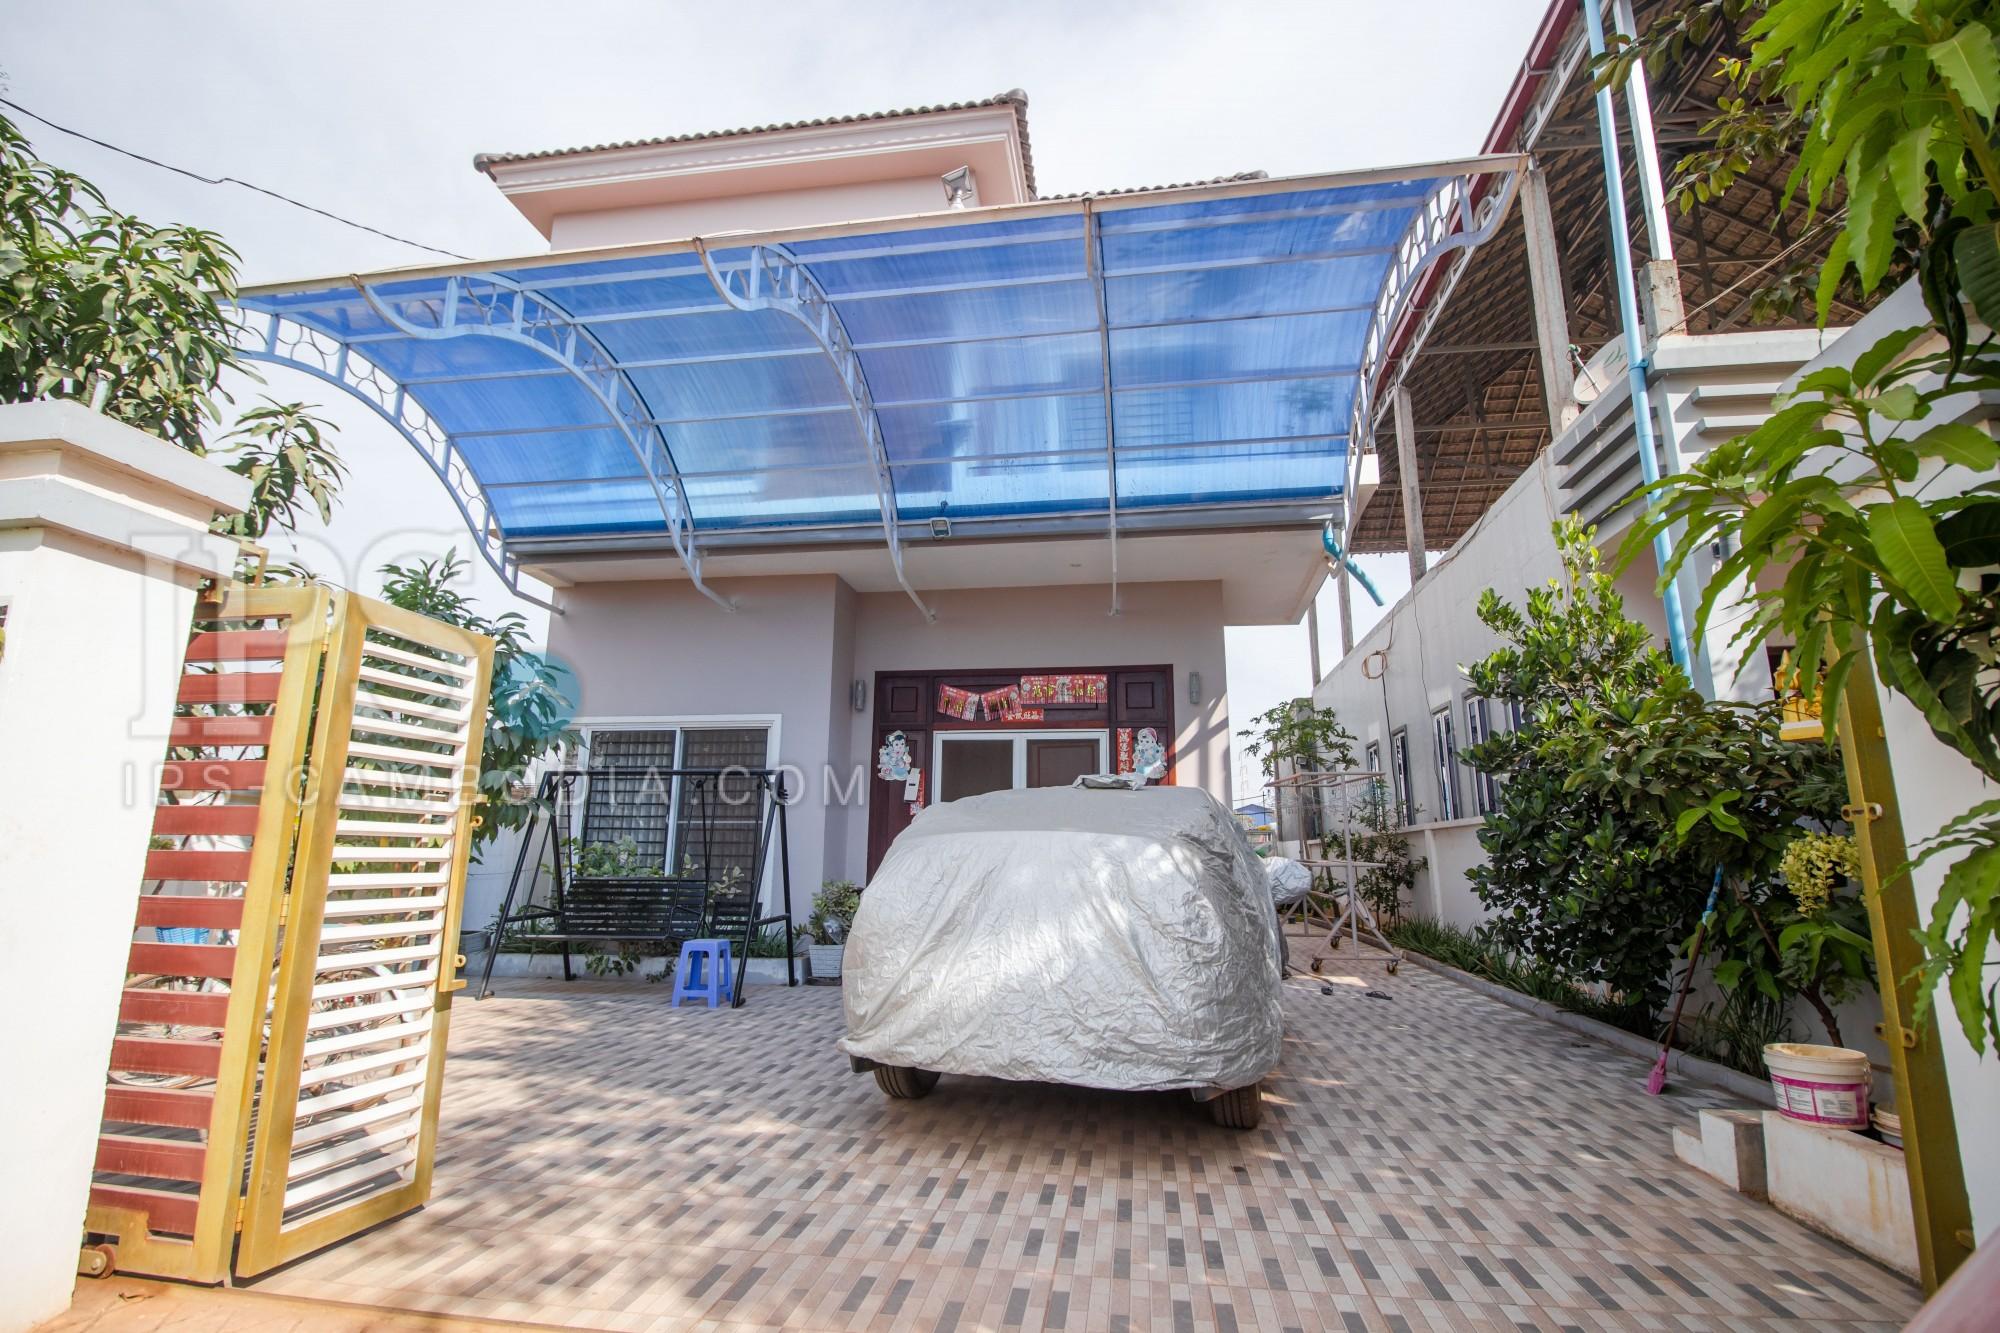 3 Bedroom Bungalow For Sale - Sangkat Siem Reap, Siem Reap